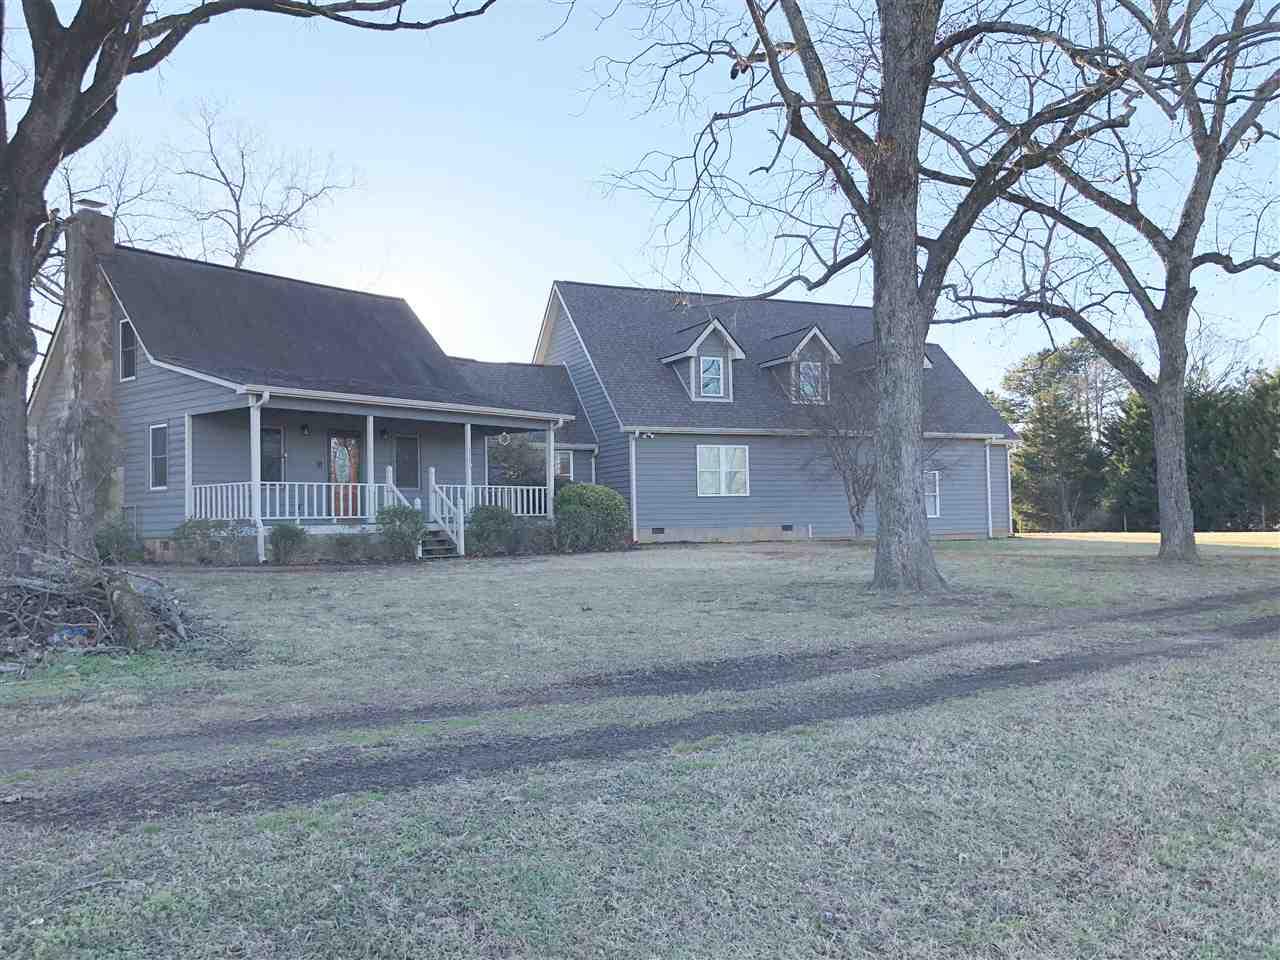 111 N Grant Rd, Seneca, SC 29678